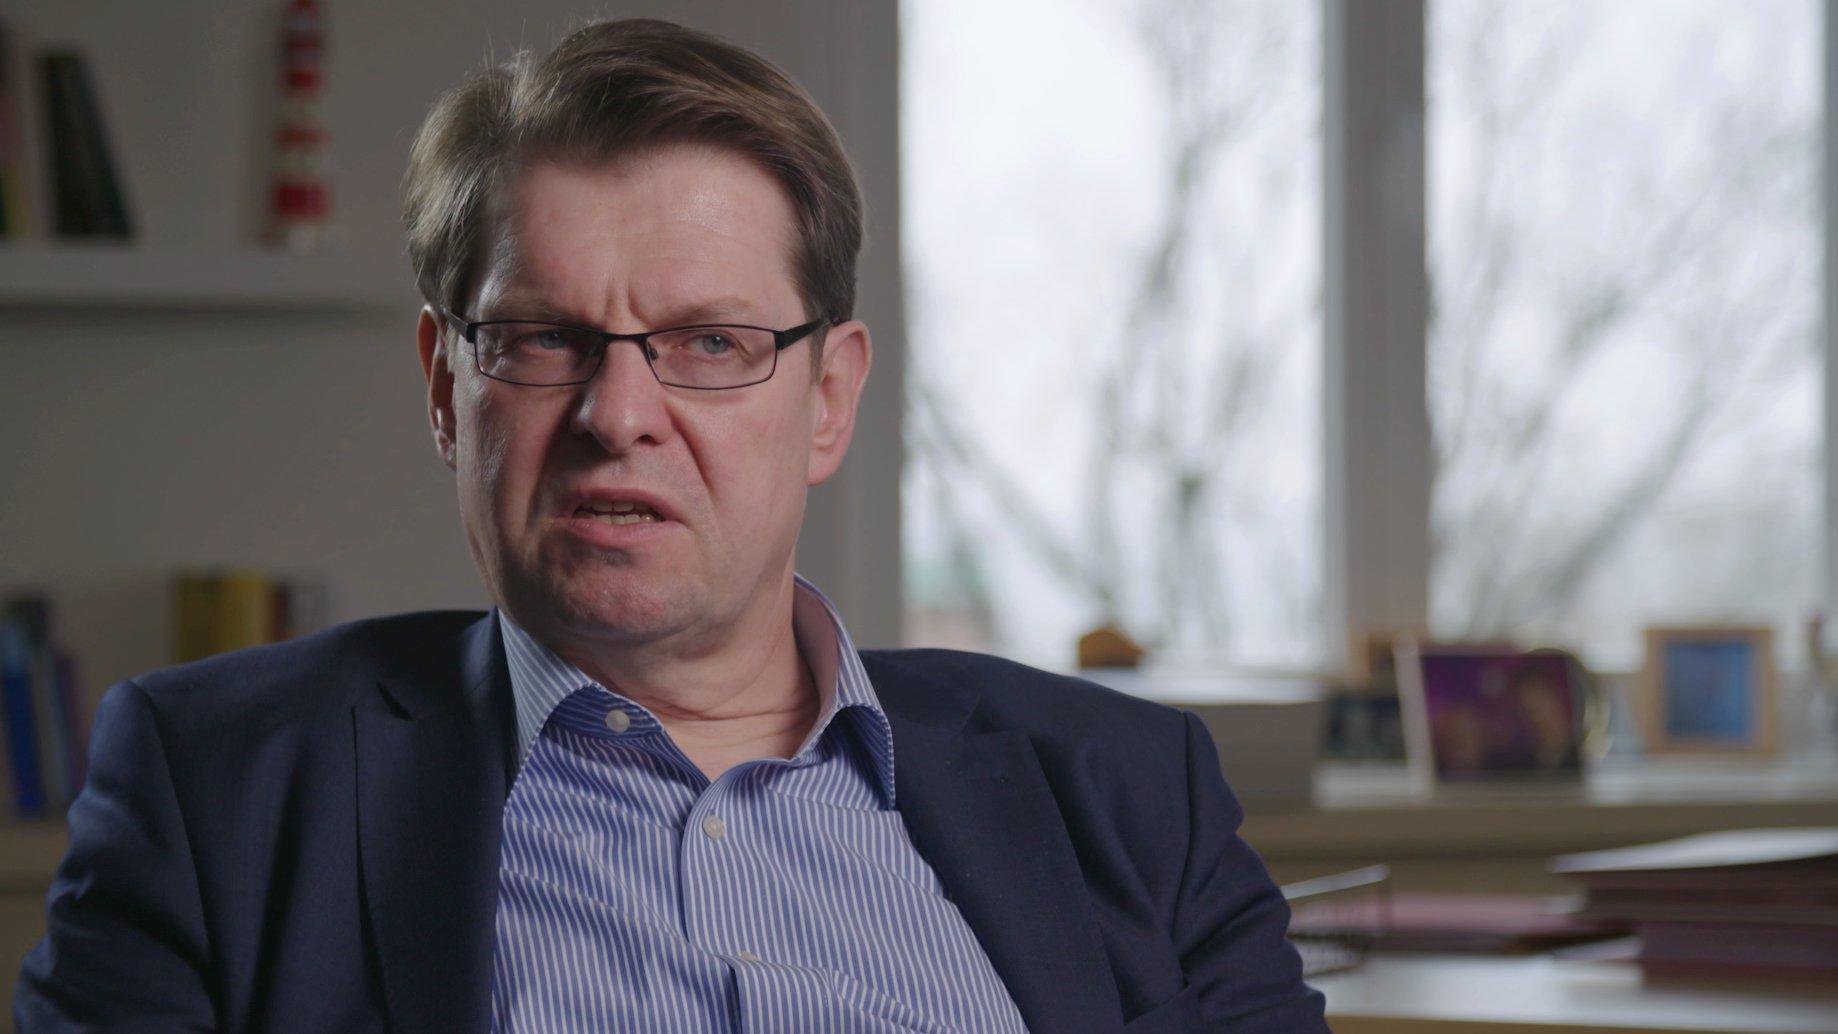 Interview mit Ralf Stegner (SPD) über die AfD, 2016 (Video)